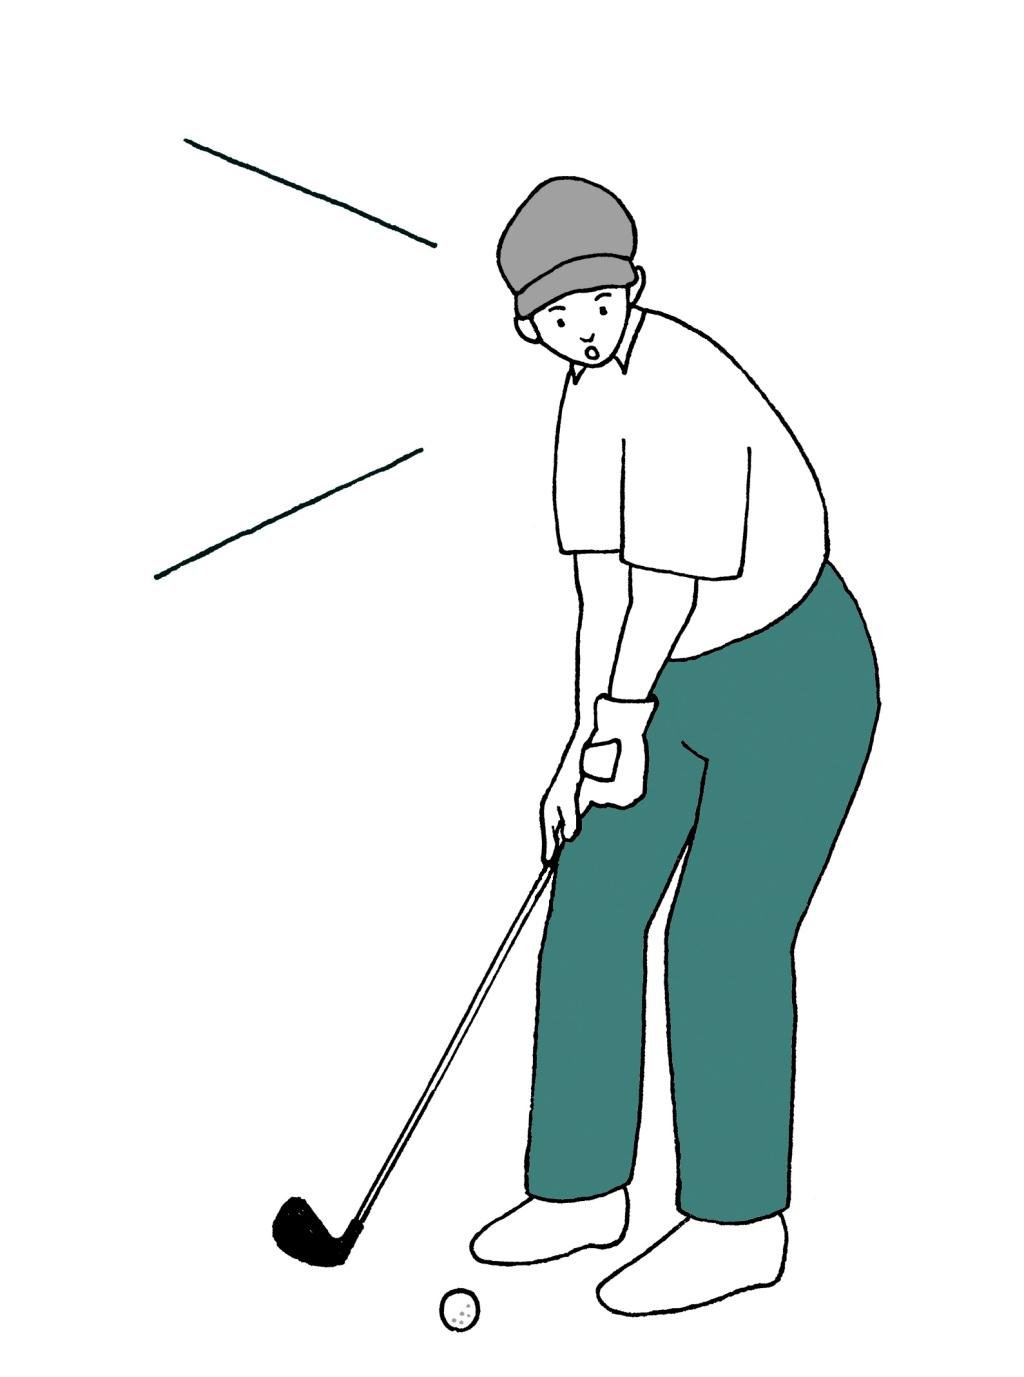 画像: 暫定球を打つことを明確に伝える必要があるため、「もう1球打ちます」ではなく「暫定球打ちます」と伝えよう